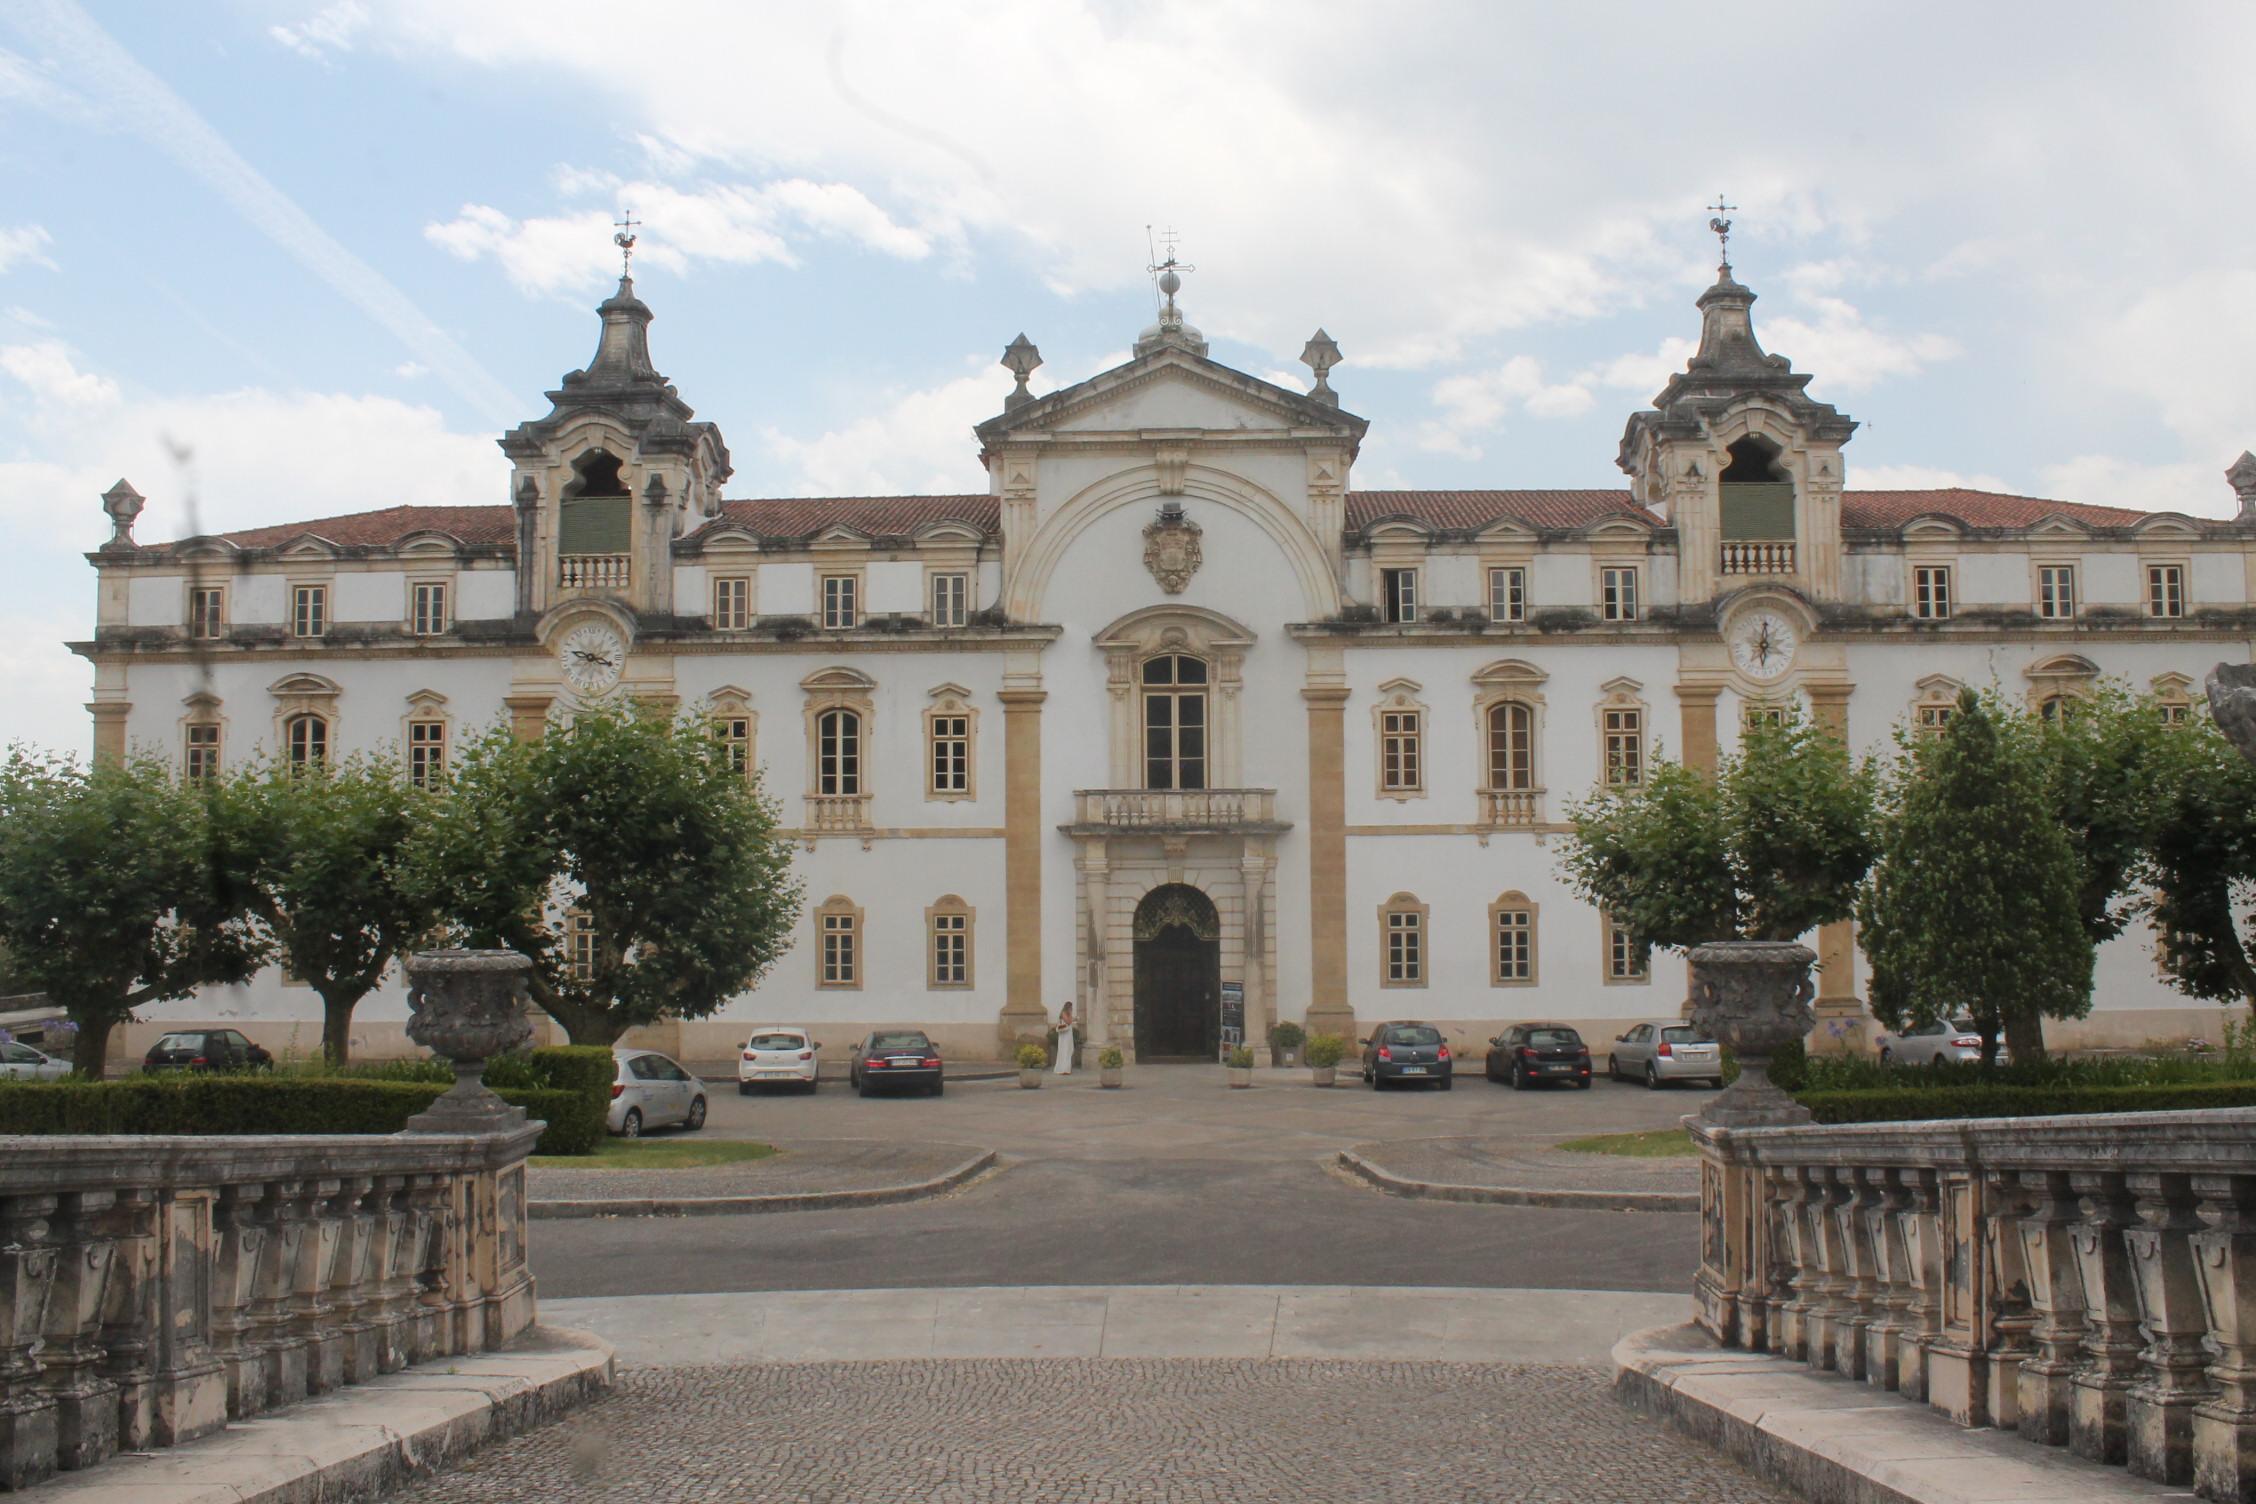 Resultado de imagem para Seminário Maior de Coimbra proposto para monumento nacional